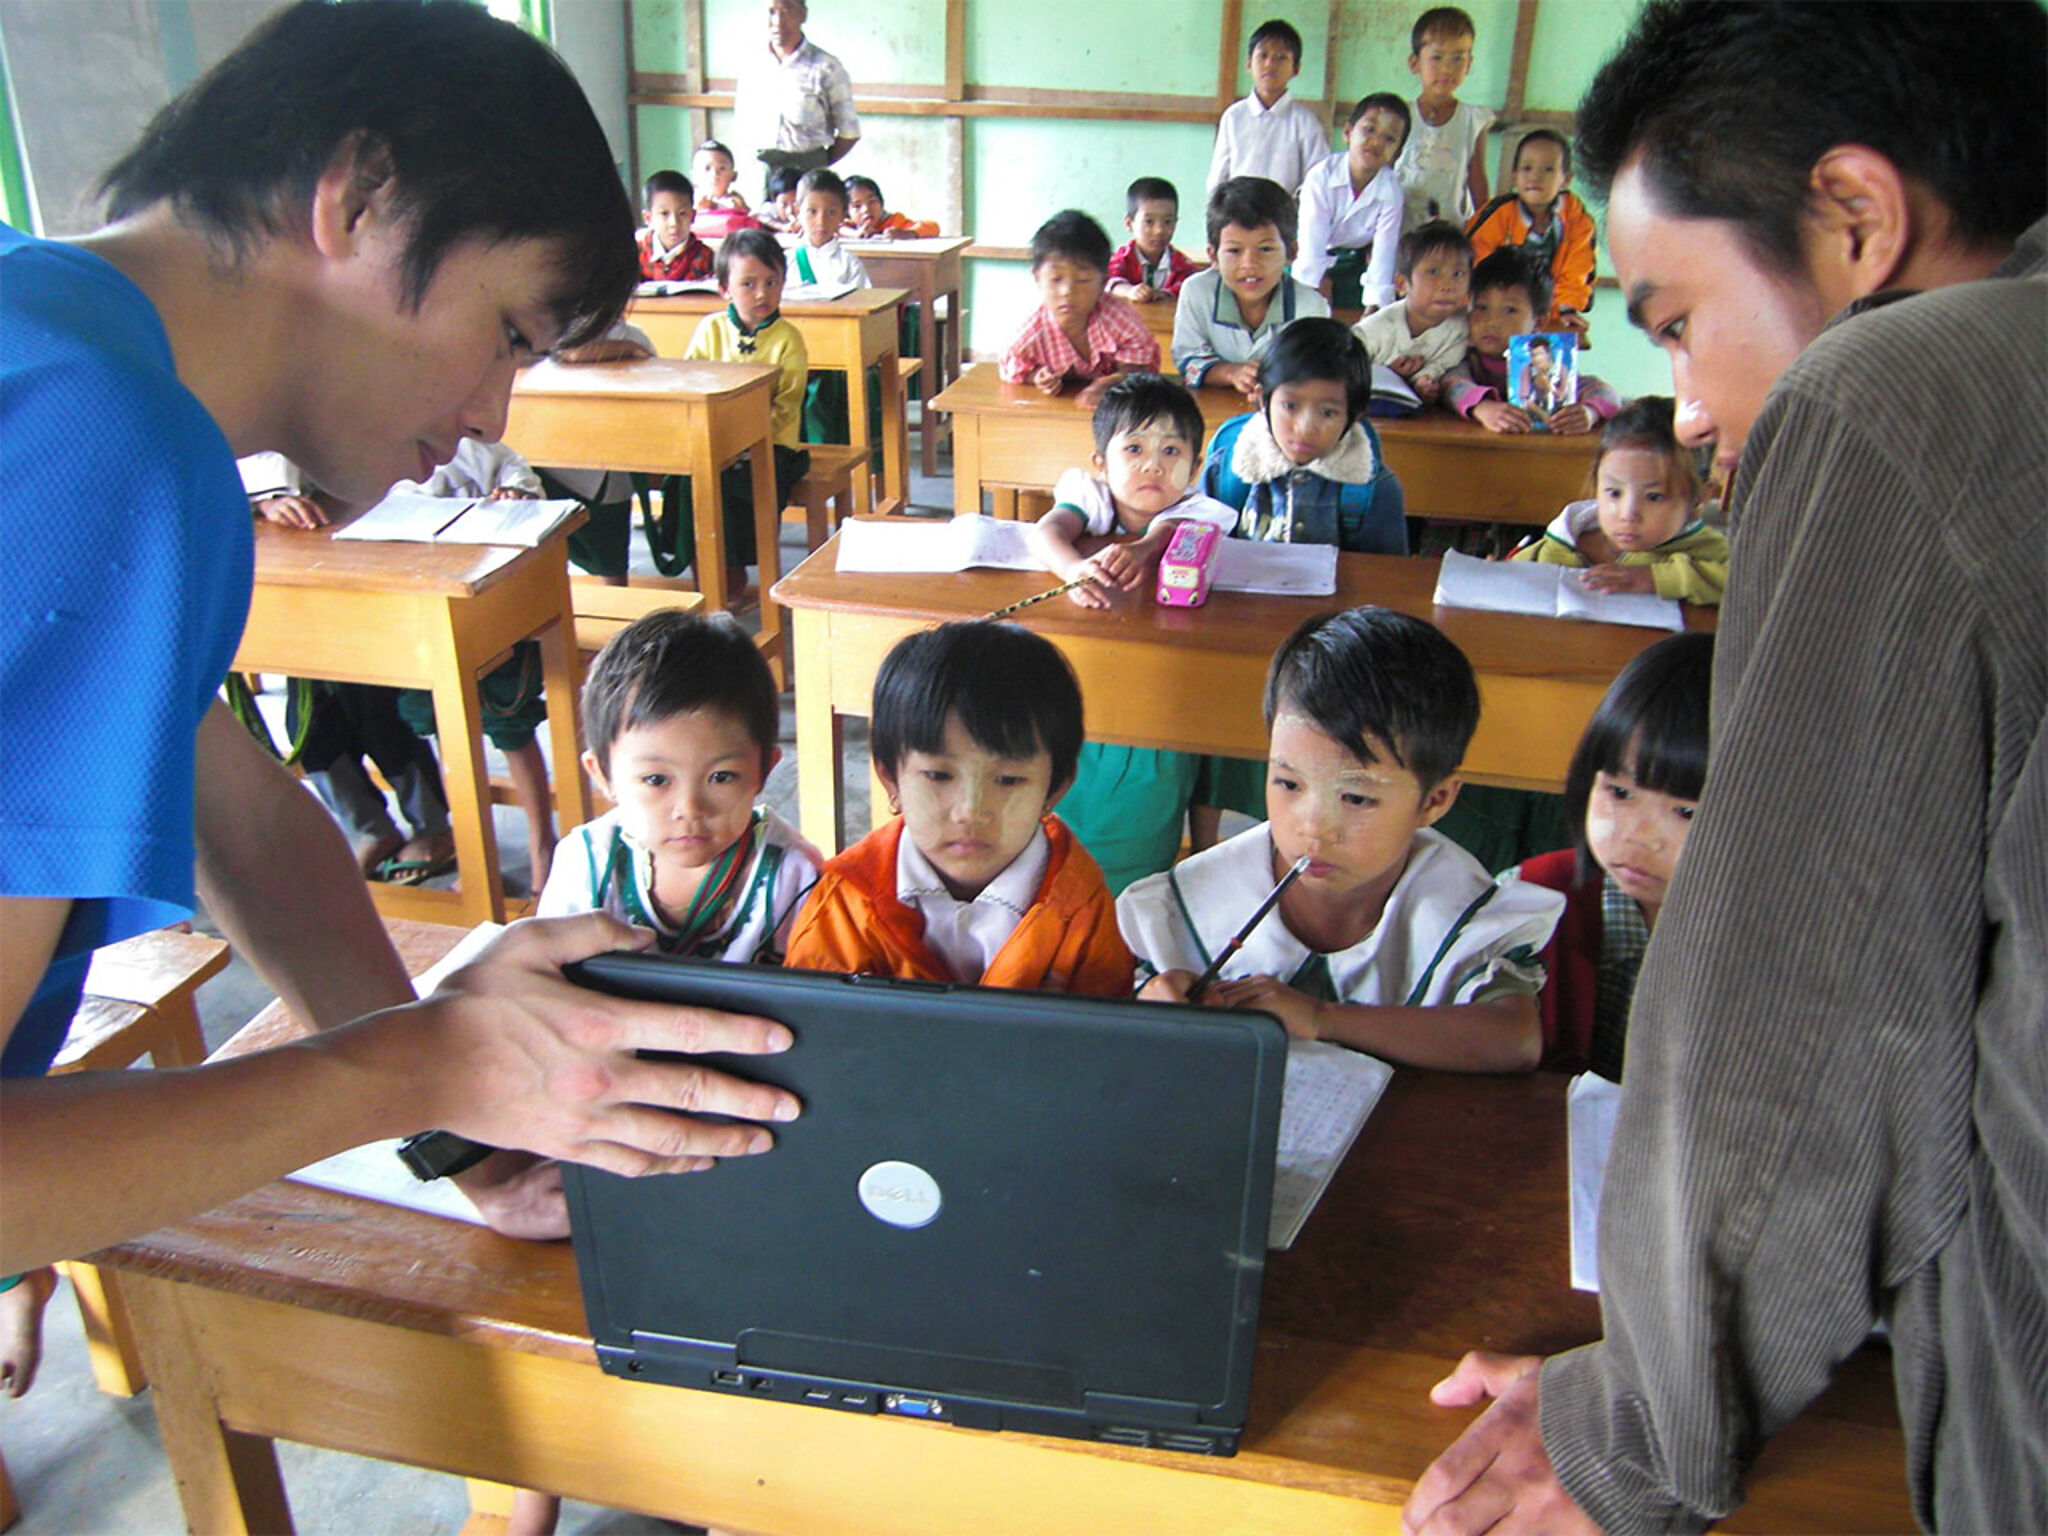 ミャンマーで子どもたちにパソコンを見せている様子の画像